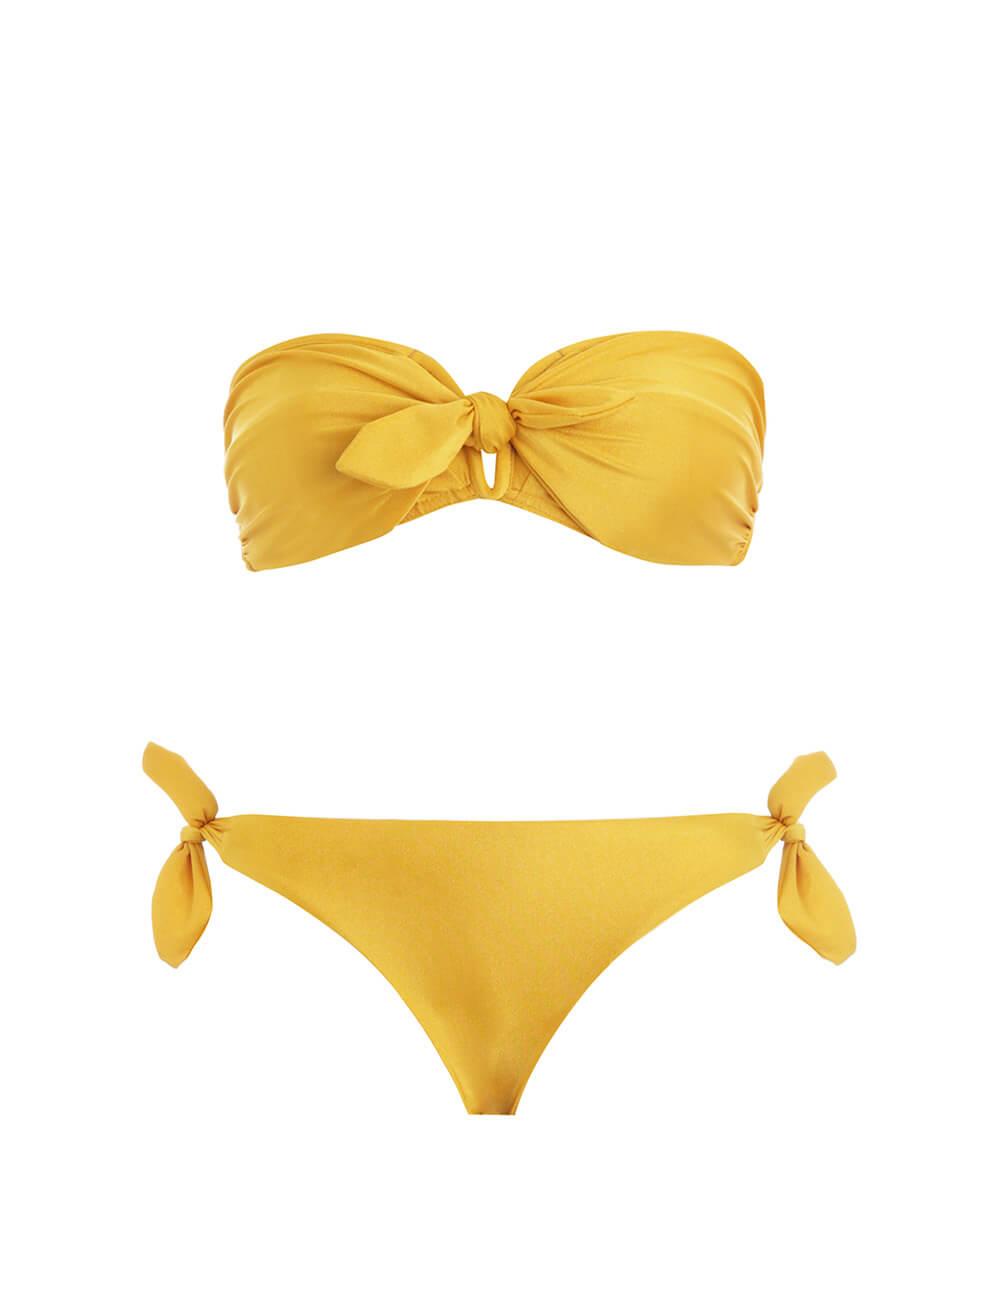 511e5a4187 Shop Women's Designer Bikinis Online | ZIMMERMANN